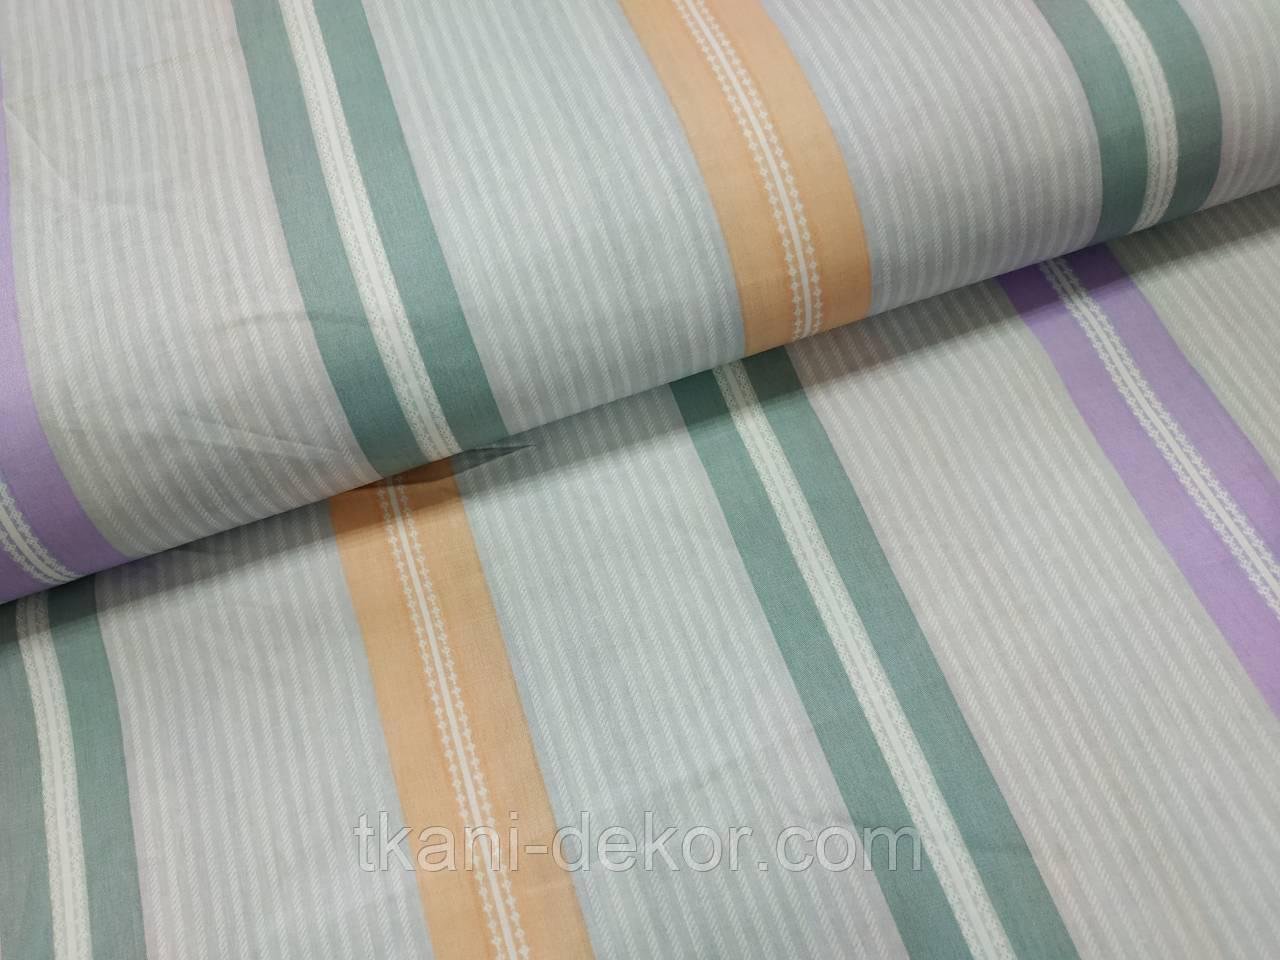 Сатин (хлопковая ткань) крупная цветная полоска (компаньон к пионовидной розе) (50*160)